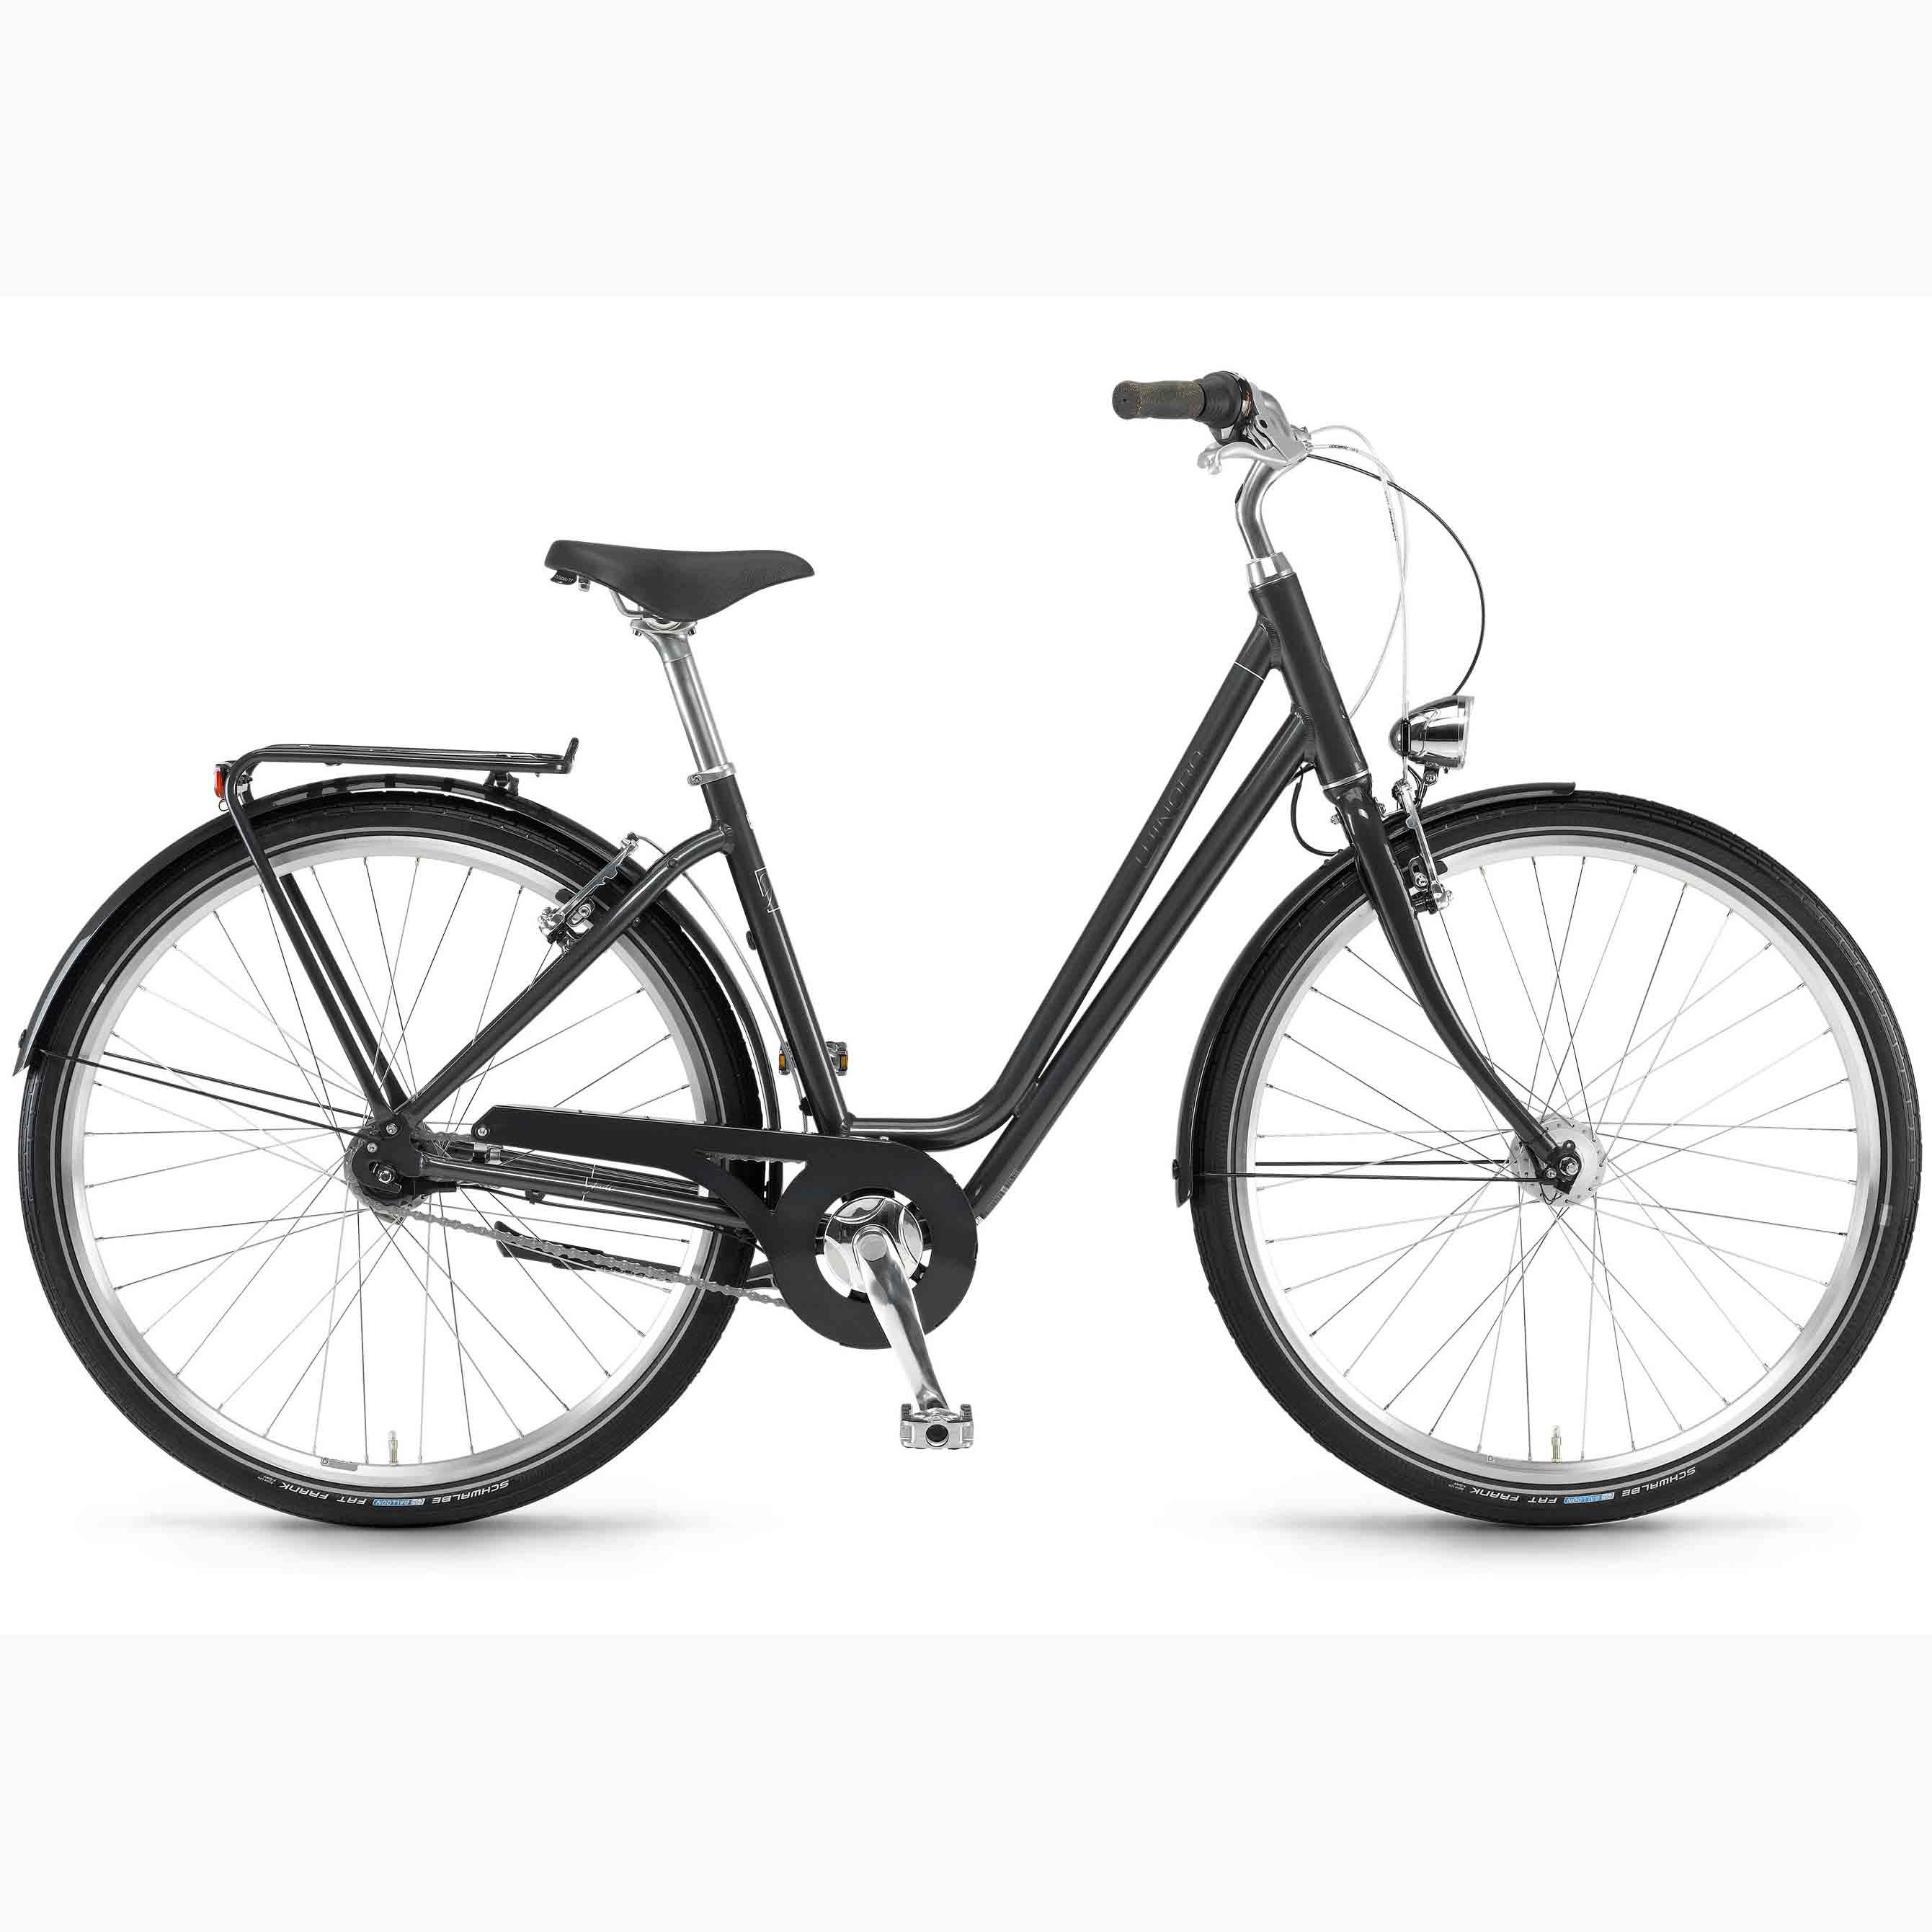 Фото Велосипед Winora Jade 28″ 7s Nexus, рама 48см, 2018, темно-серый